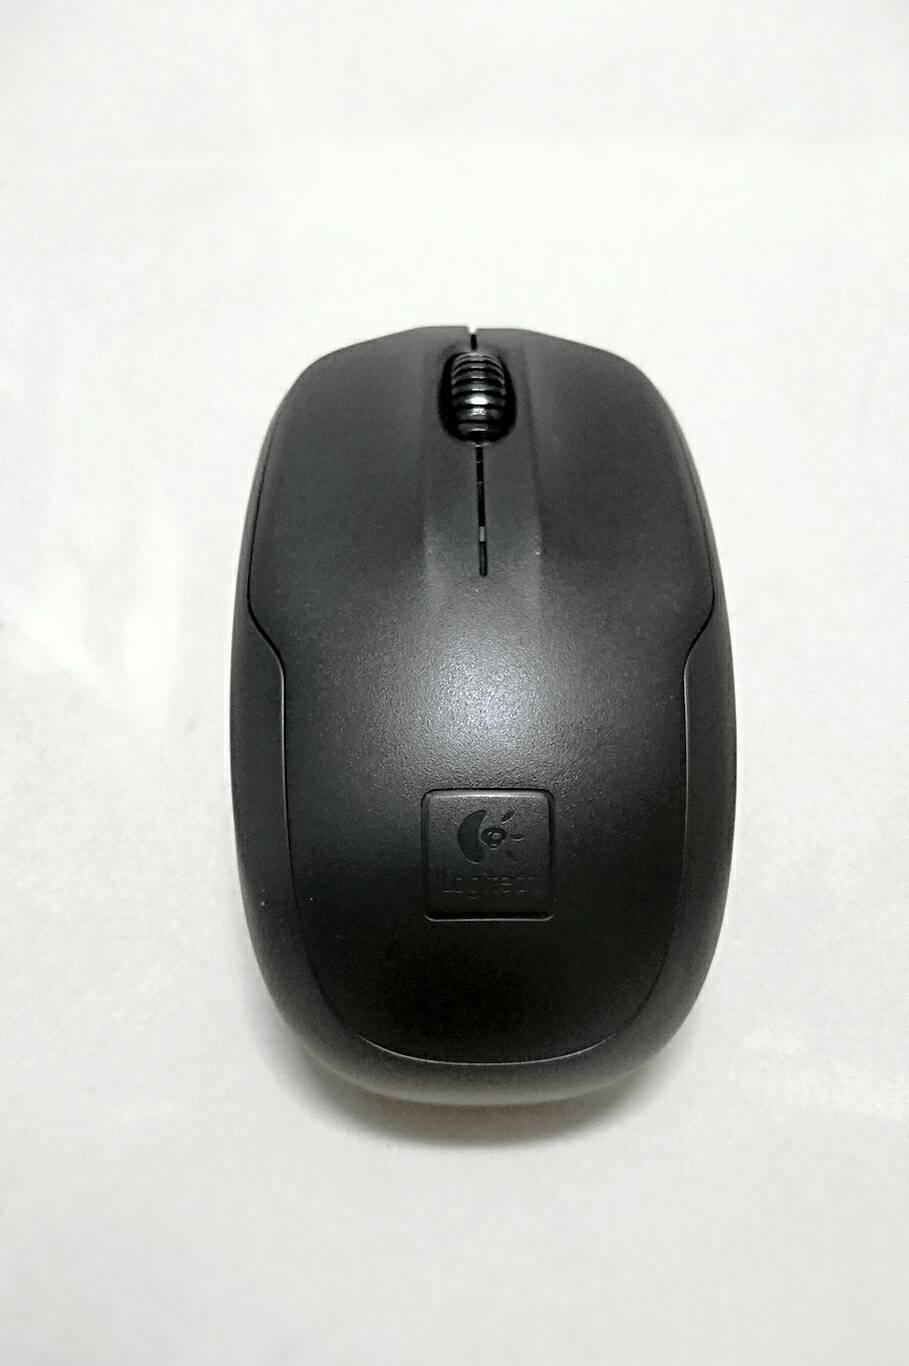 團購價 第一品牌 有注音 mk220 羅技無線鍵盤滑鼠組 電競滑鼠電競鍵盤 桌上型電腦 筆記型電腦 LOL英雄聯盟 4